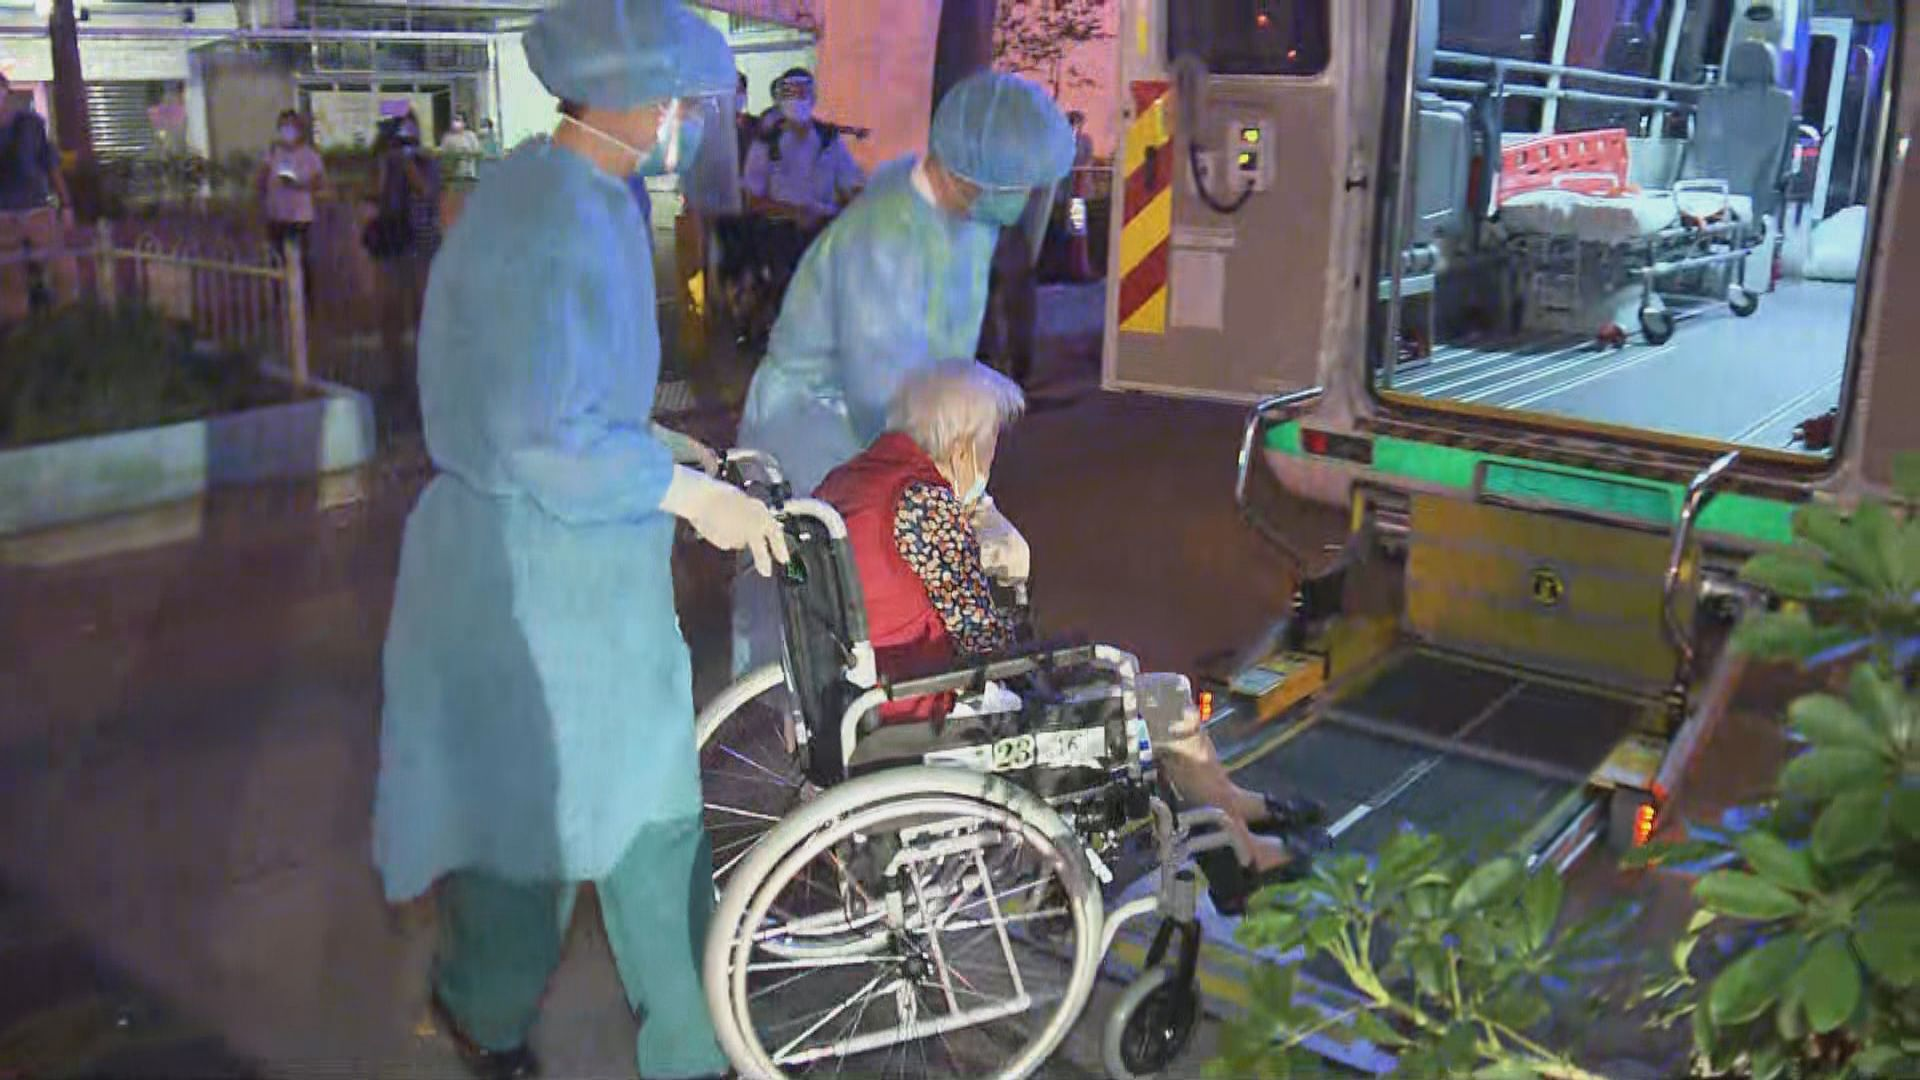 醫護人員晚上到耆康會護理安老院進行撤離